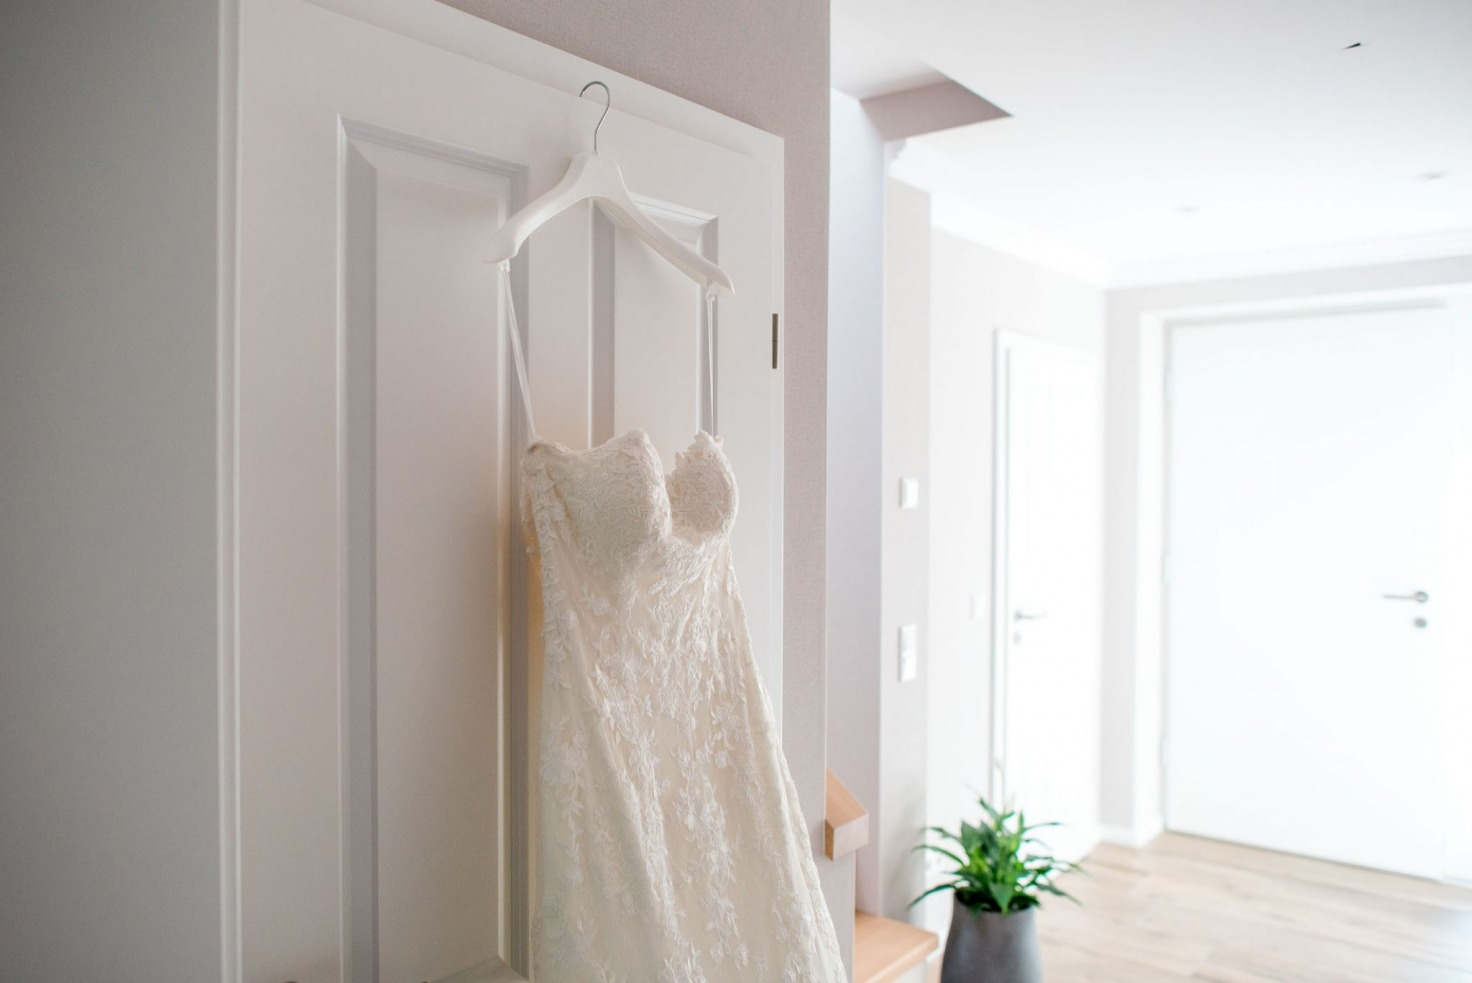 Hochzeit von Sabrina und Michael in Münster: Brautkleid an Tür aufgehangen